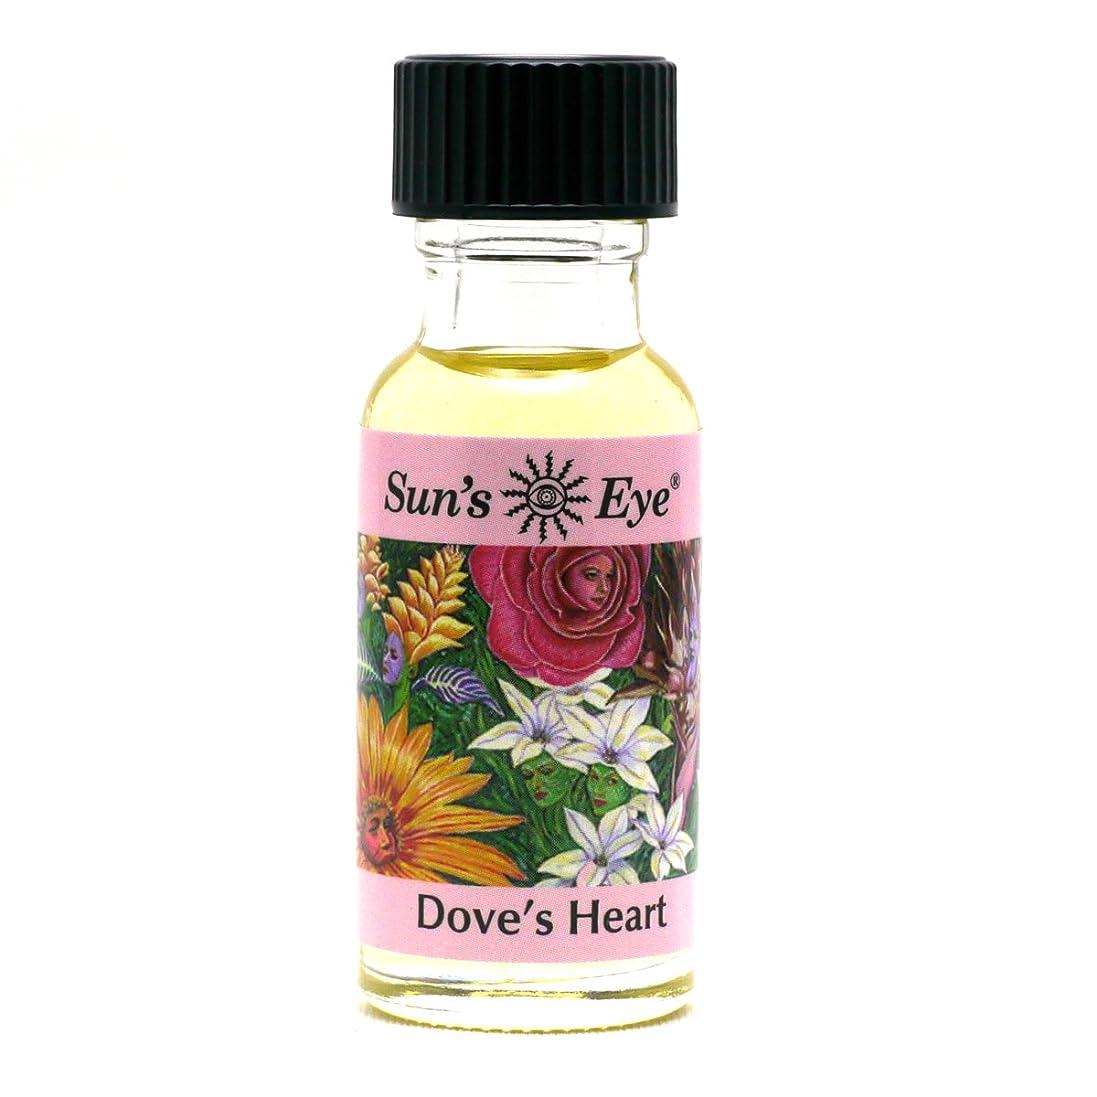 代表団カンガルーまで【Sun'sEye サンズアイ】Specialty Oils(スペシャリティオイル)Dove's Heart(鳩の心)心の問題を解決